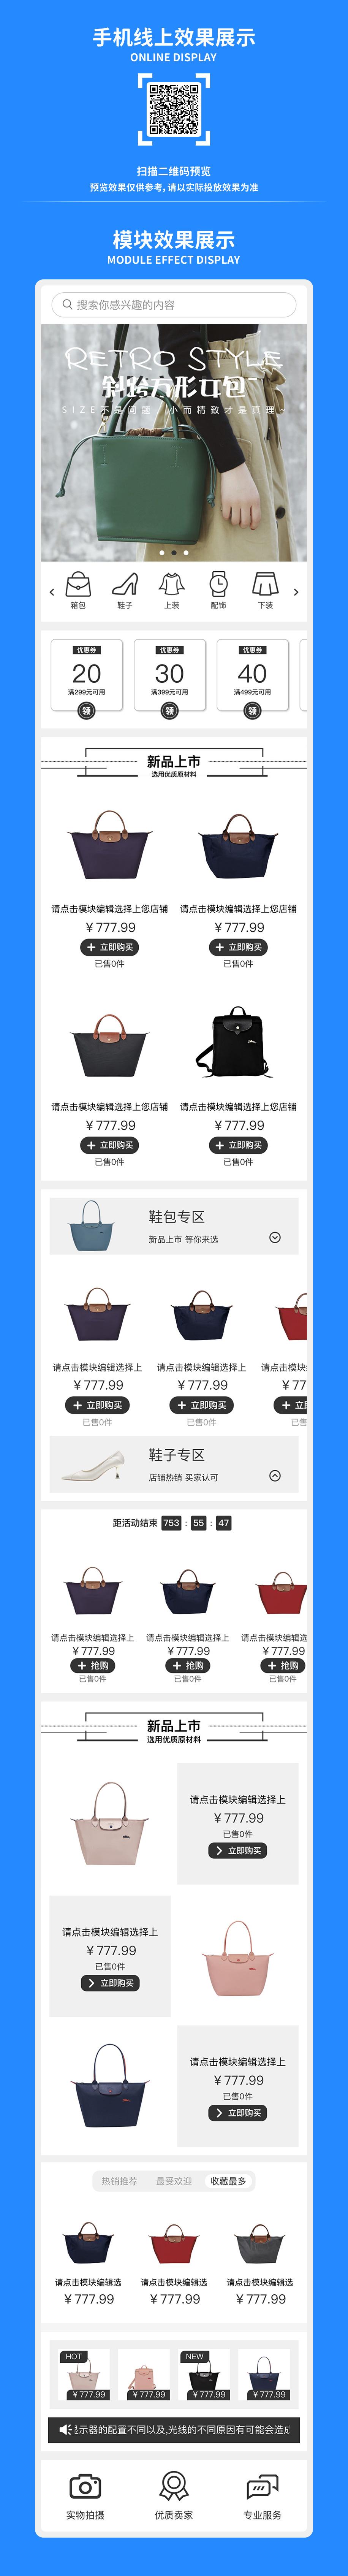 099简约女包智慧零售-第二屏介绍.jpg